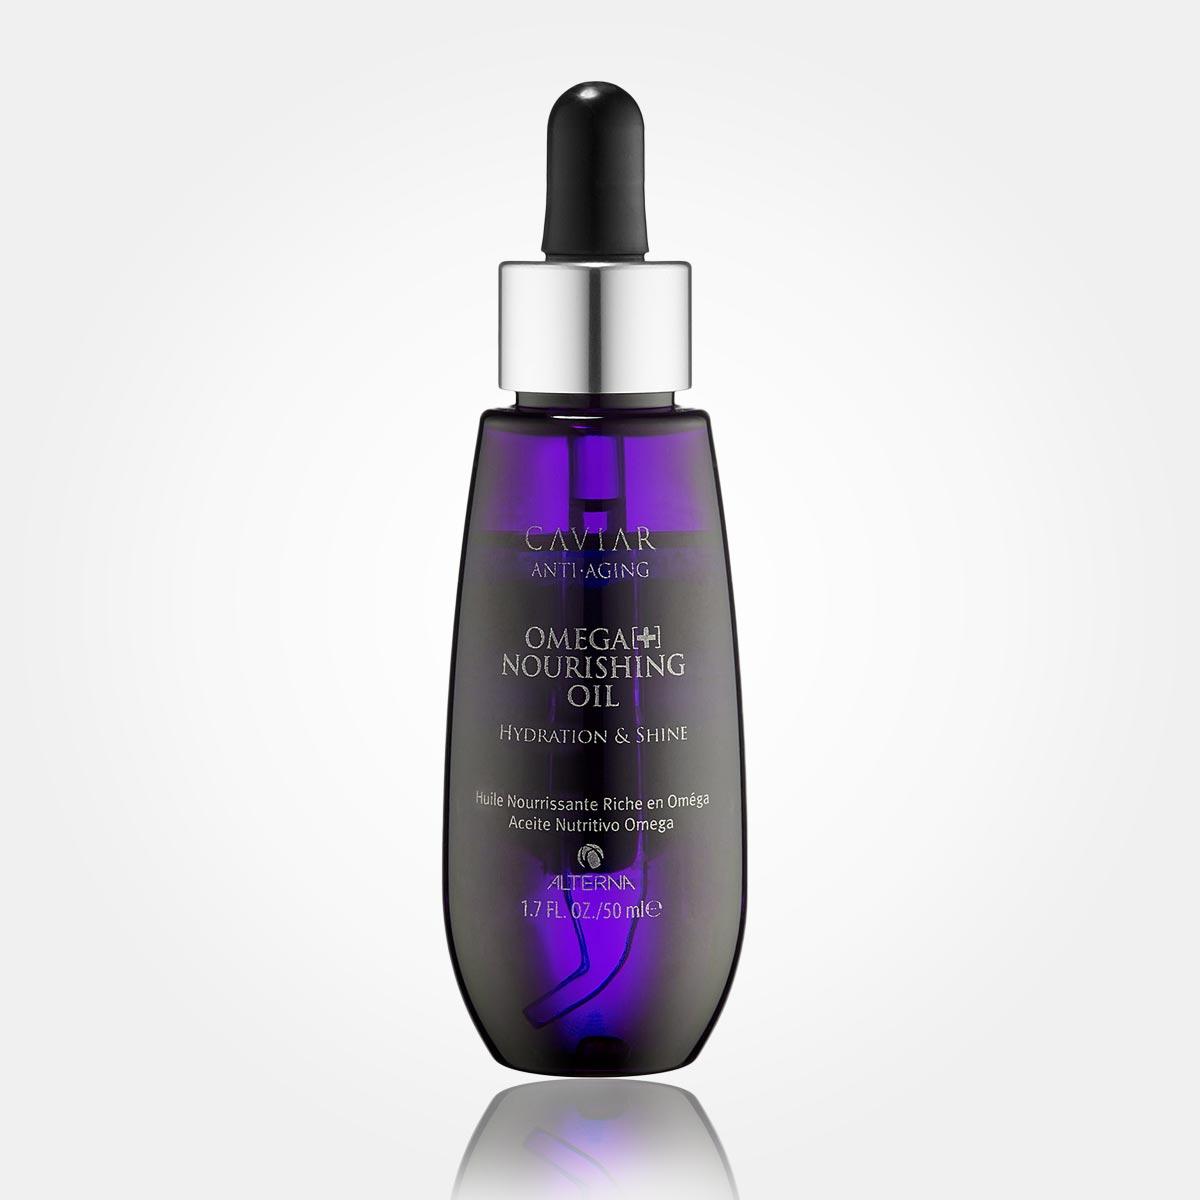 Vlny ve vlasech – místo tradičního stylingu použijte v Alterna Caviar Anti-Aging Omega+ Nourishing Oil.